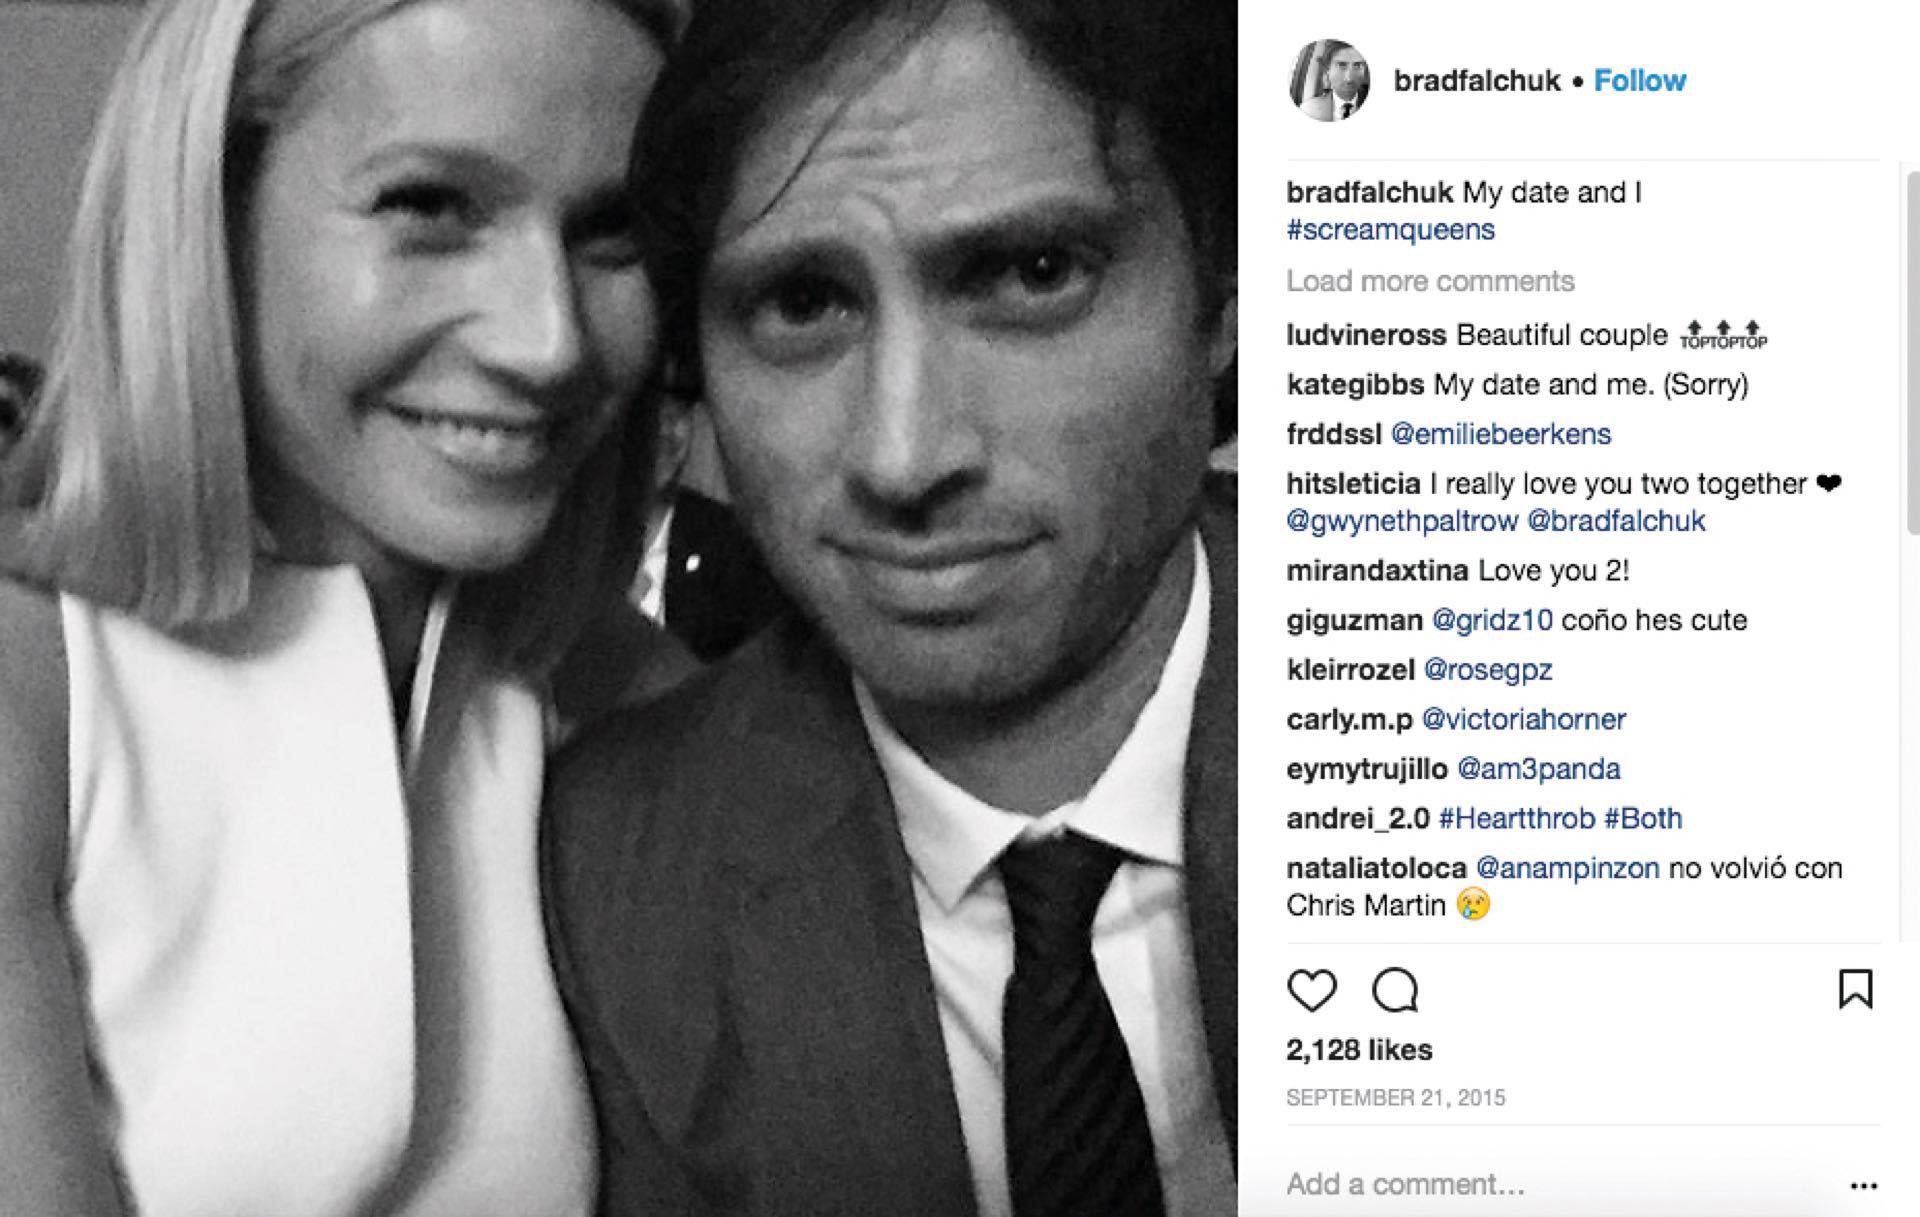 #PARA TI - PALTROW COMPROMETIDA - news - Gwyneth Paltrow y Brad Falchuk - instagram - 20171201